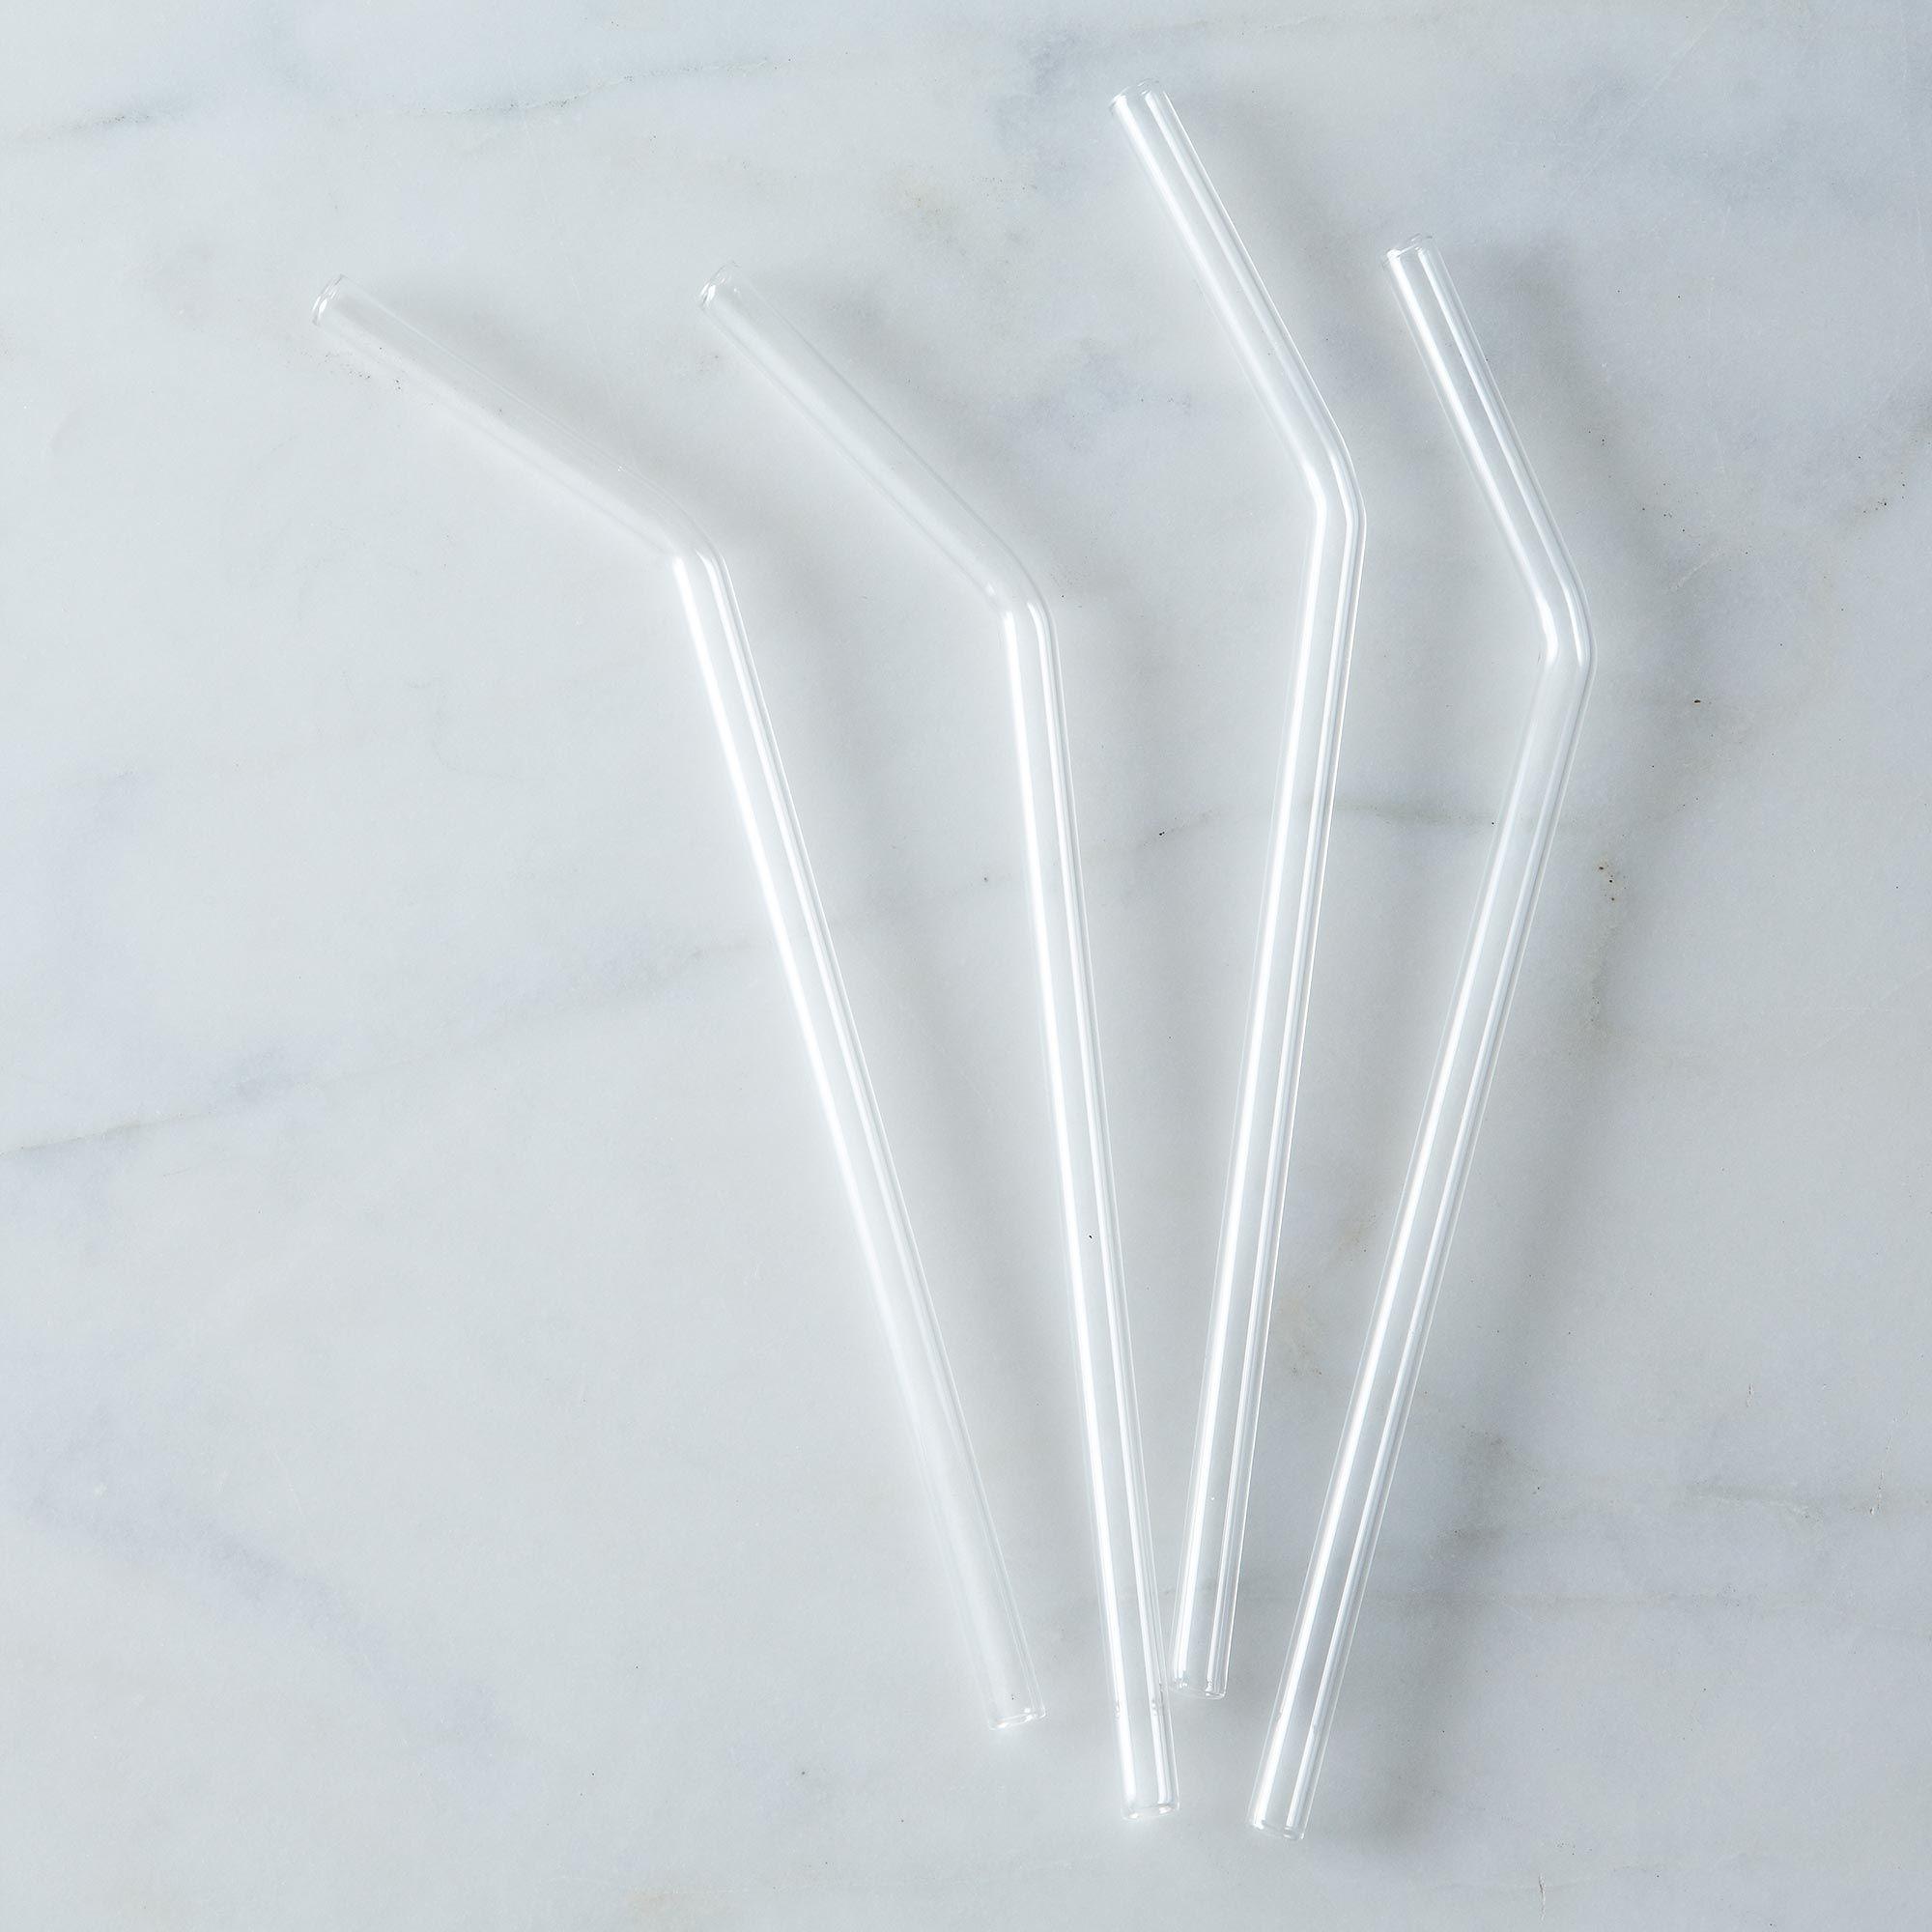 Fafd39bd 55ac 4e42 bec3 a0ece3fe56e1  2013 0130 juiceglass glass straws bent 006